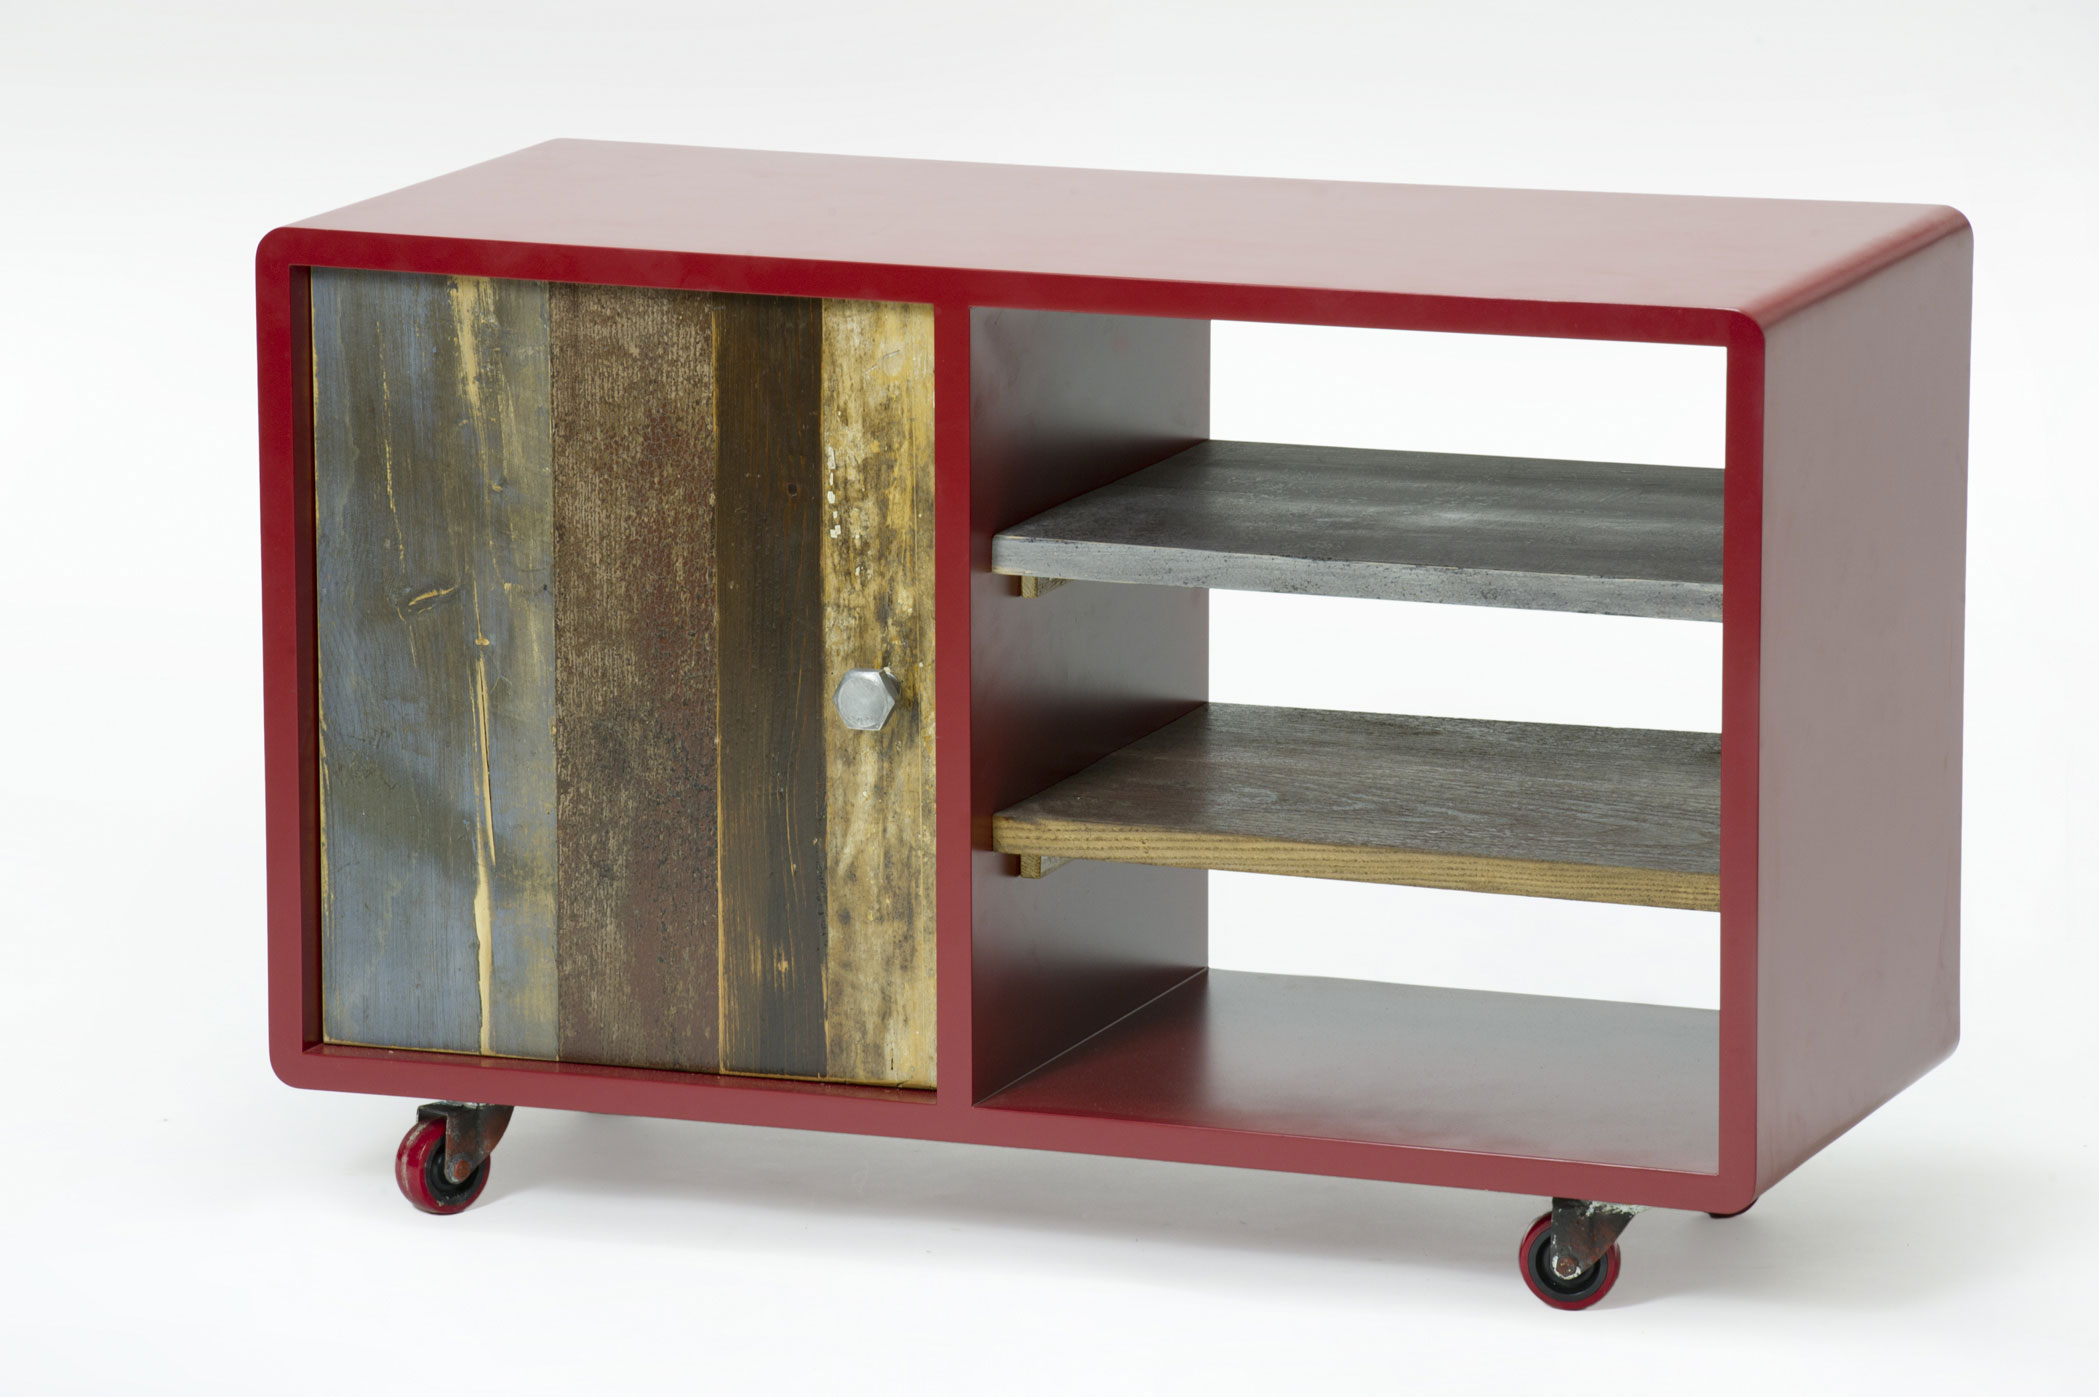 Carrello libreria con ruote. Legno coperto di resina grigia e sportellone in diversi tipi di legno vintage colorato.